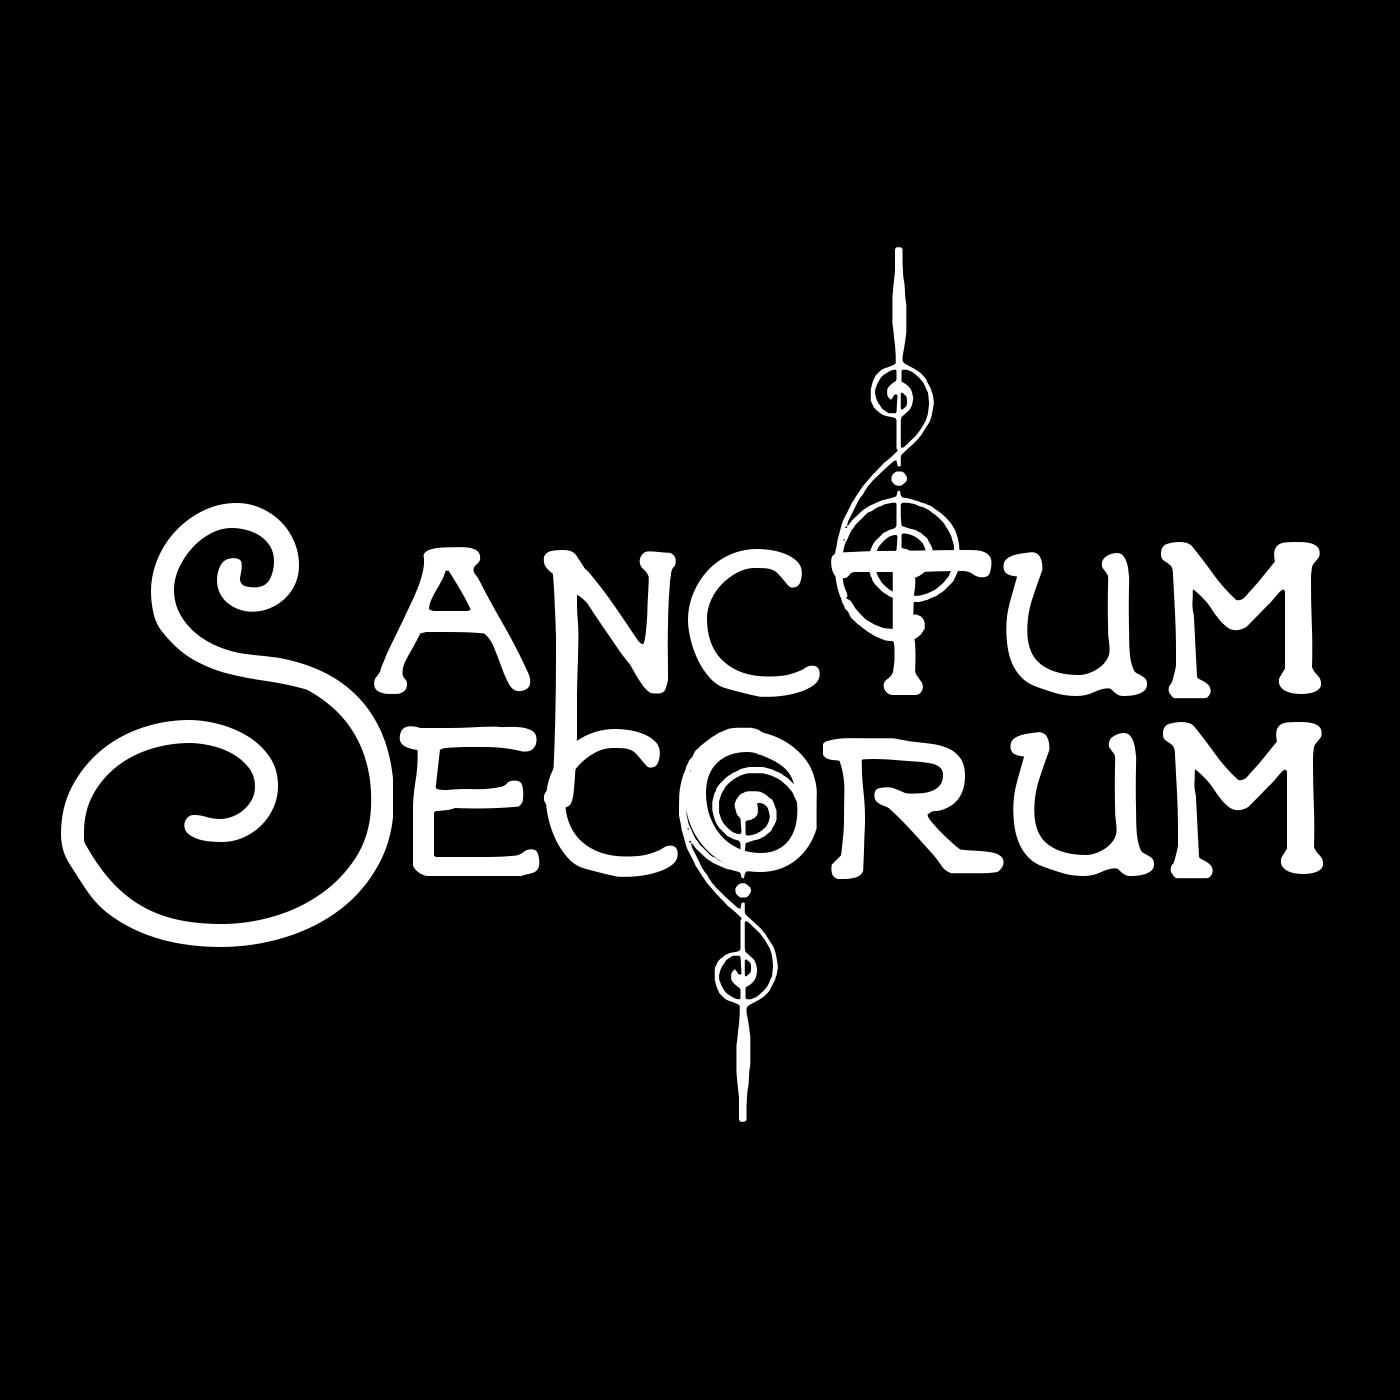 Sanctum Secorum #08 - The Life of Eibon